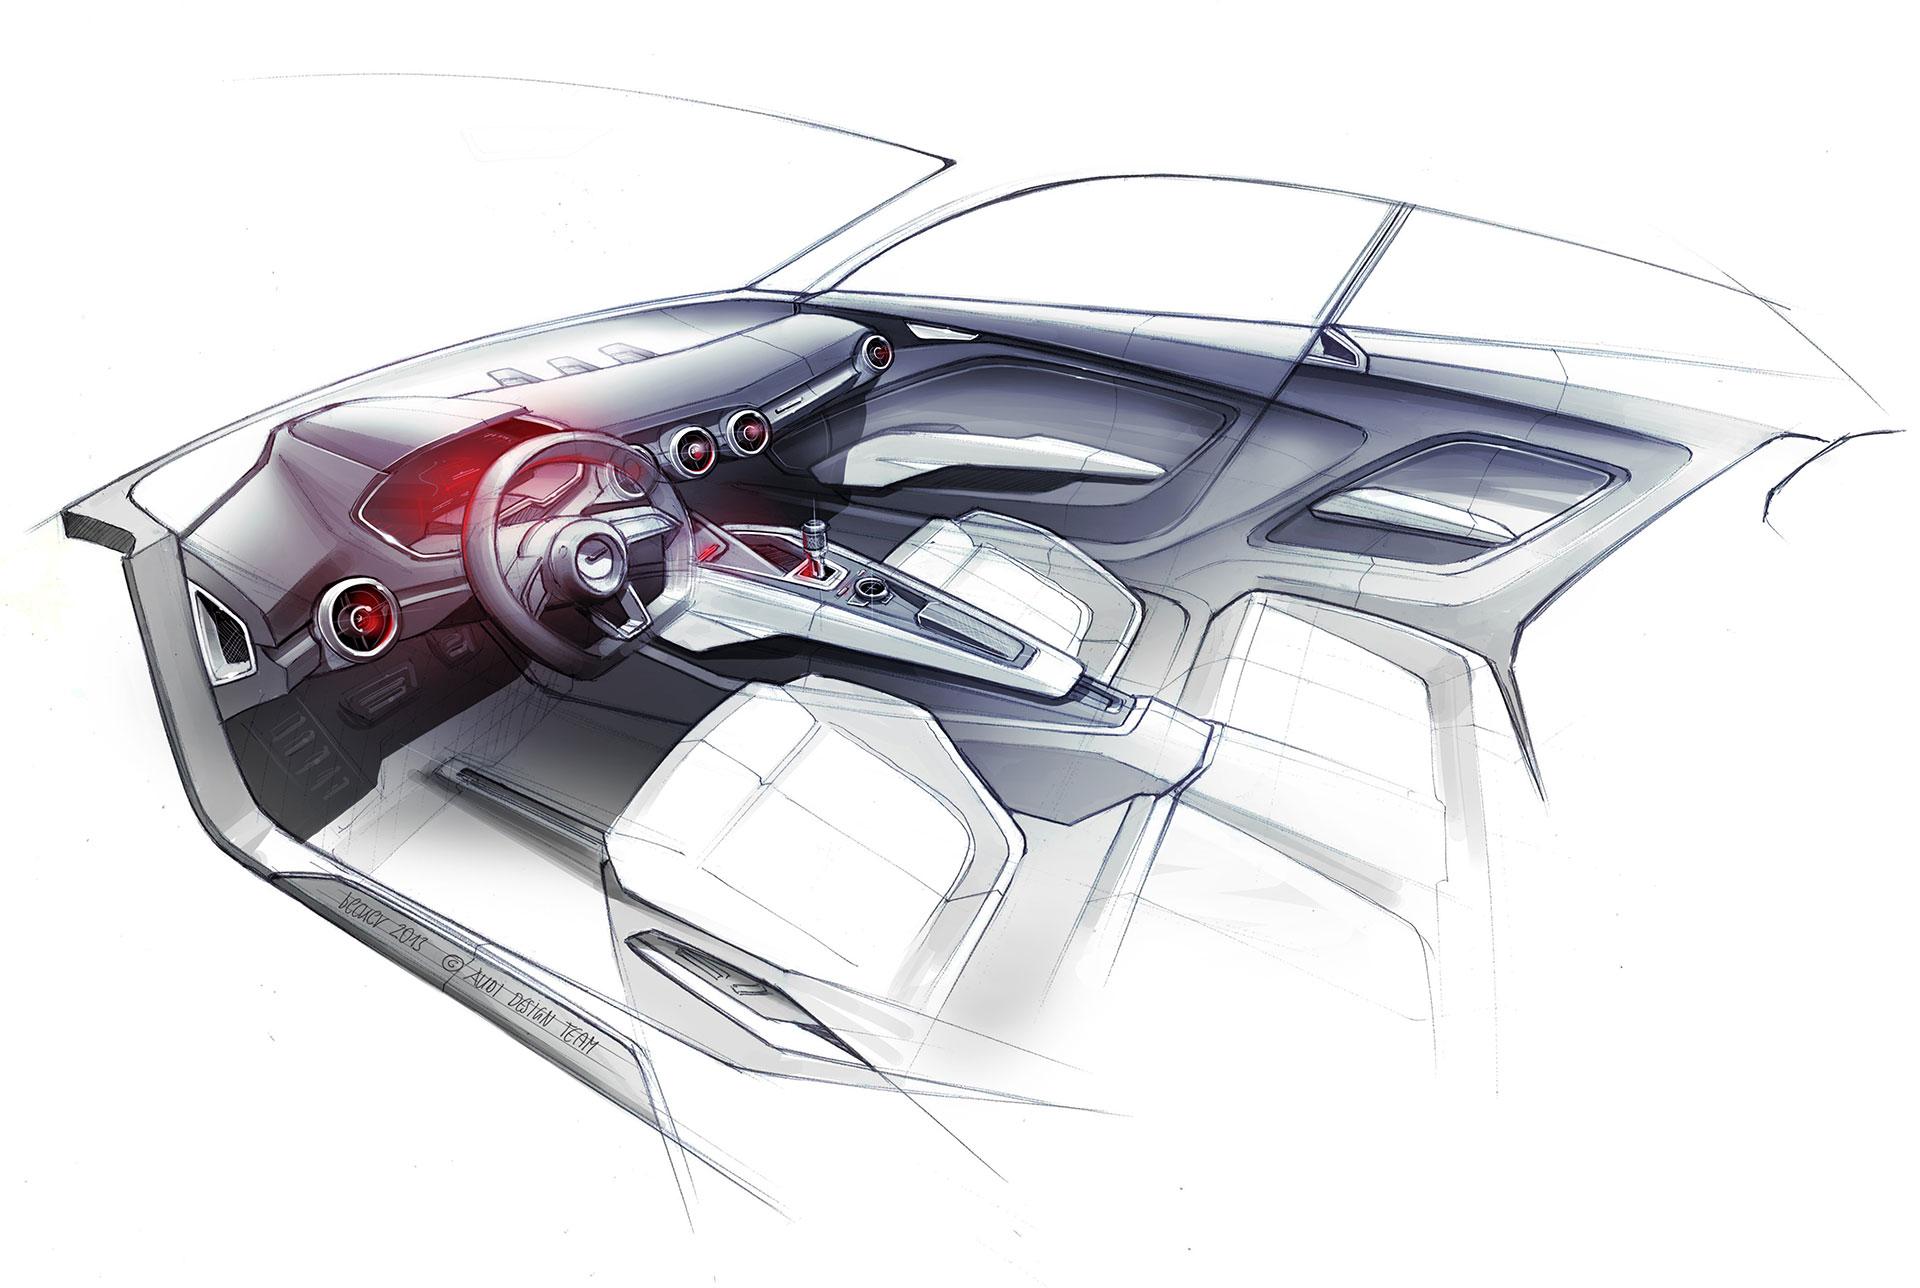 Audi Two Door Crossover Concept Interior Design Sketch Car Body